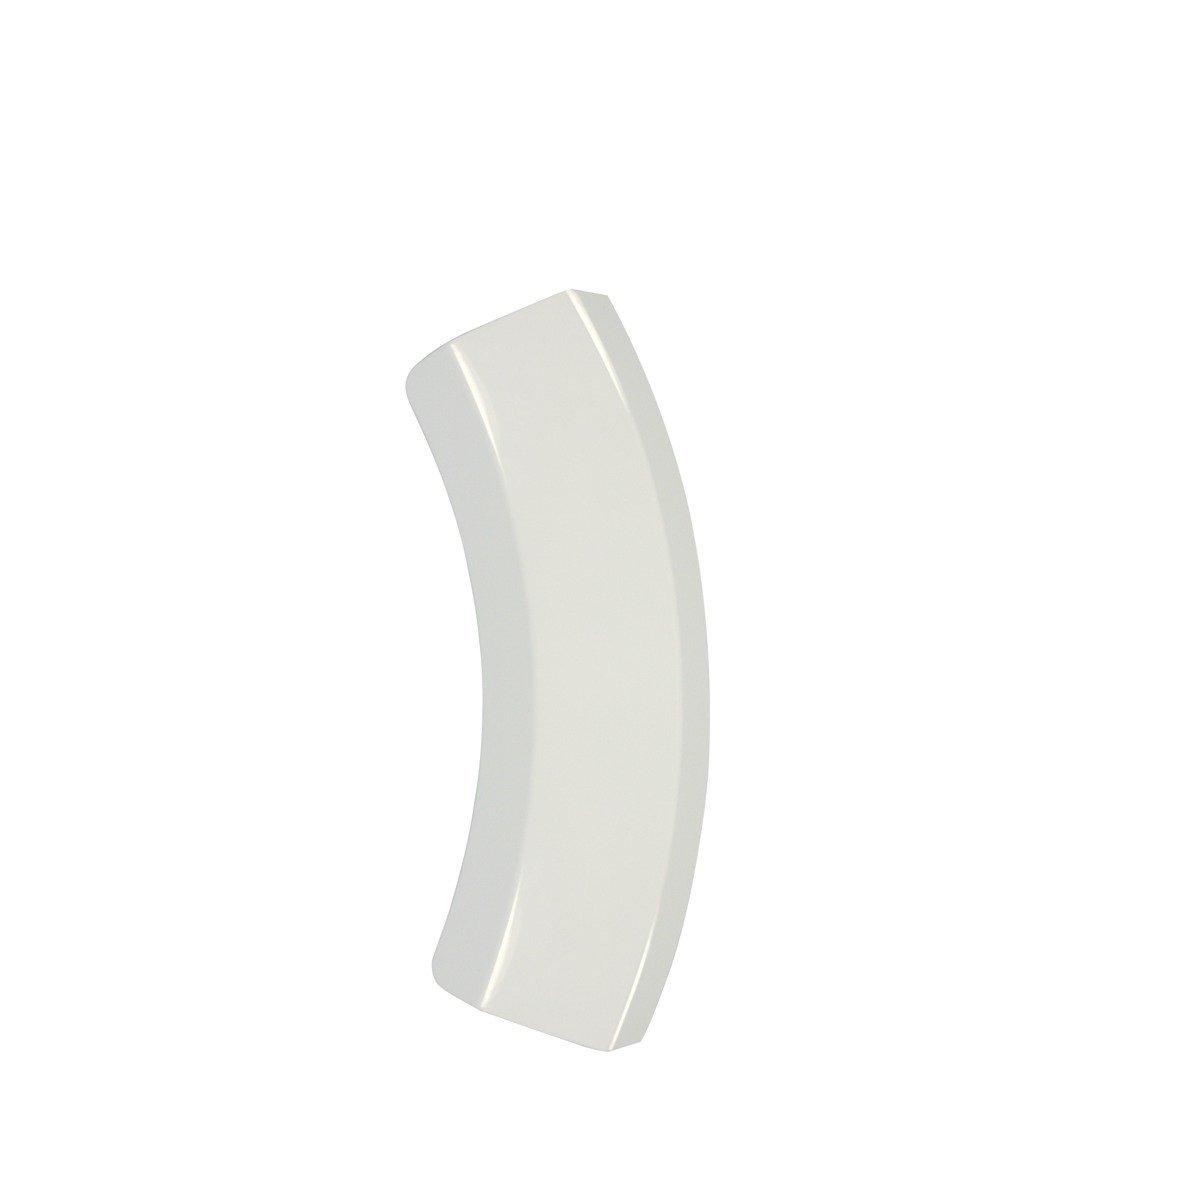 Bosch 644221 Maniglia per porta asciugatrice, bianca